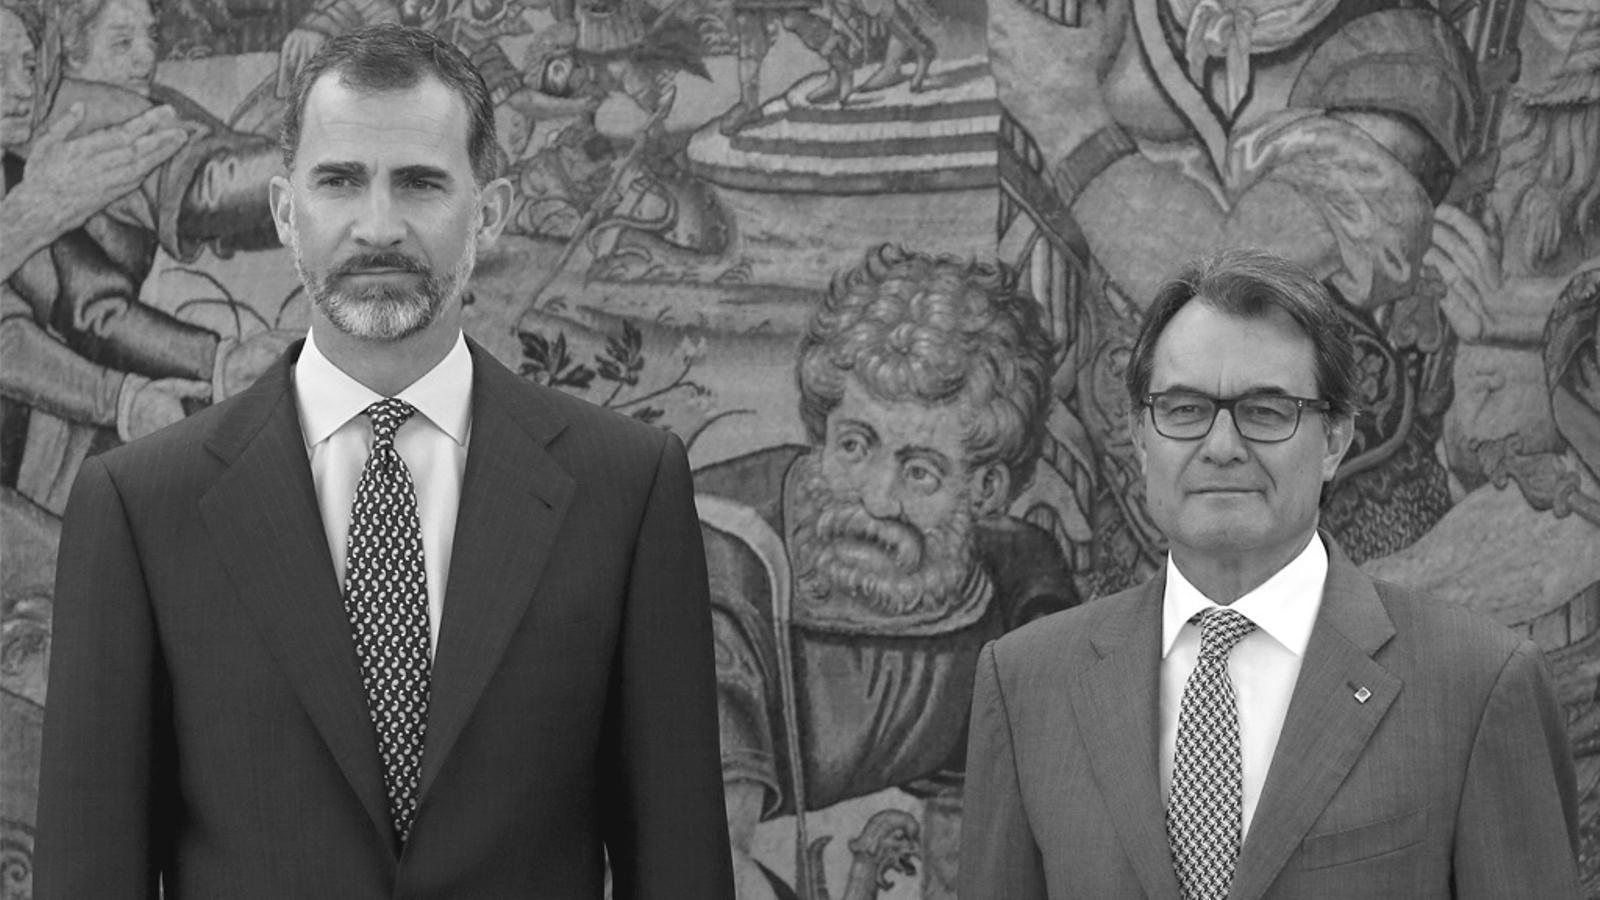 L'editorial d'Antoni Bassas: El discurs del Rei (23/07/2015)